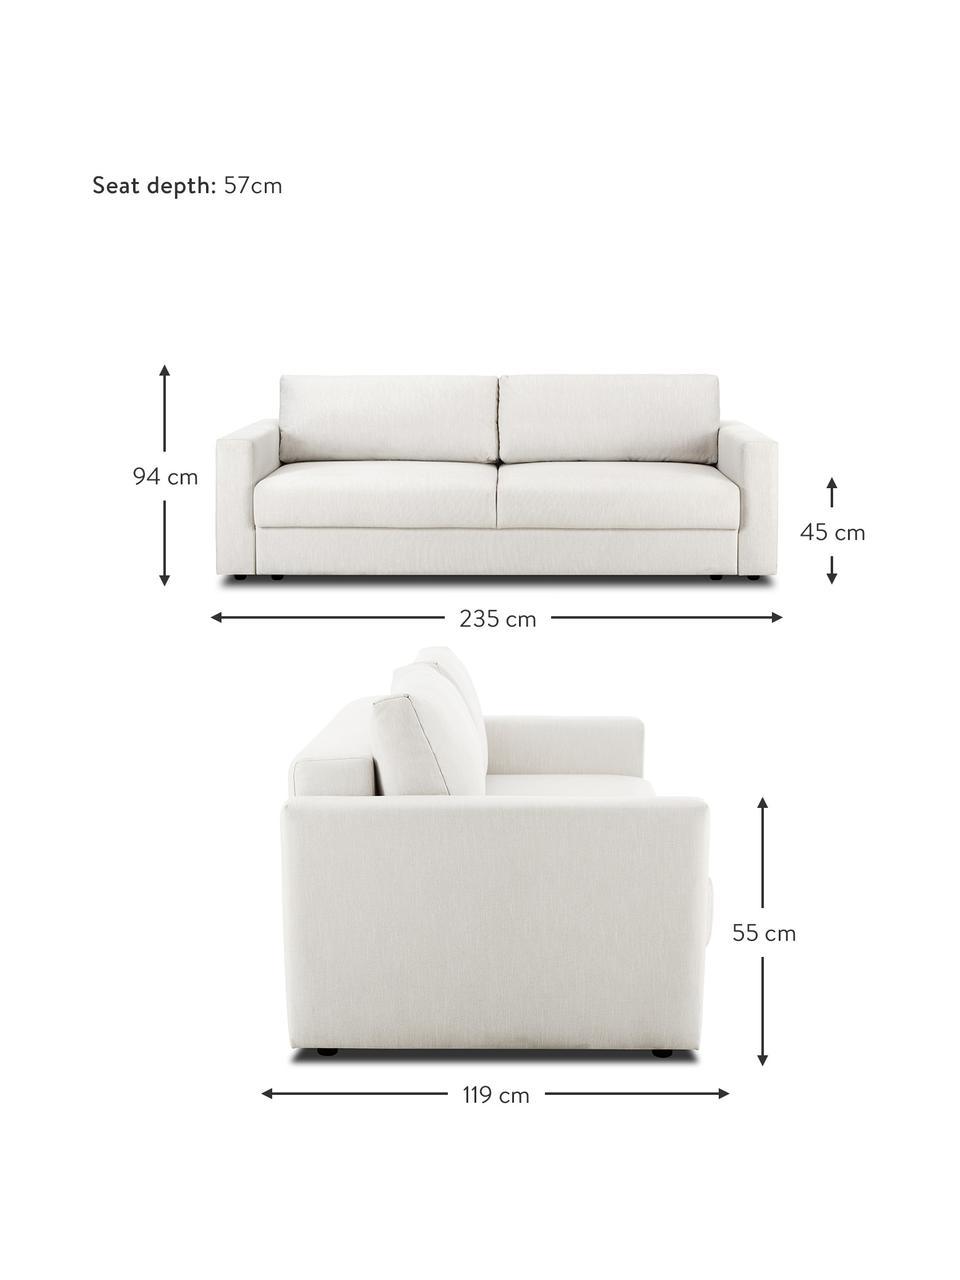 Sofa rozkładana z aksamitu Tasha, Tapicerka: 100% poliester Dzięki tka, Stelaż: lite drewno sosnowe, skle, Nogi: tworzywo sztuczne, Beżowy, S 235 x G 100 cm